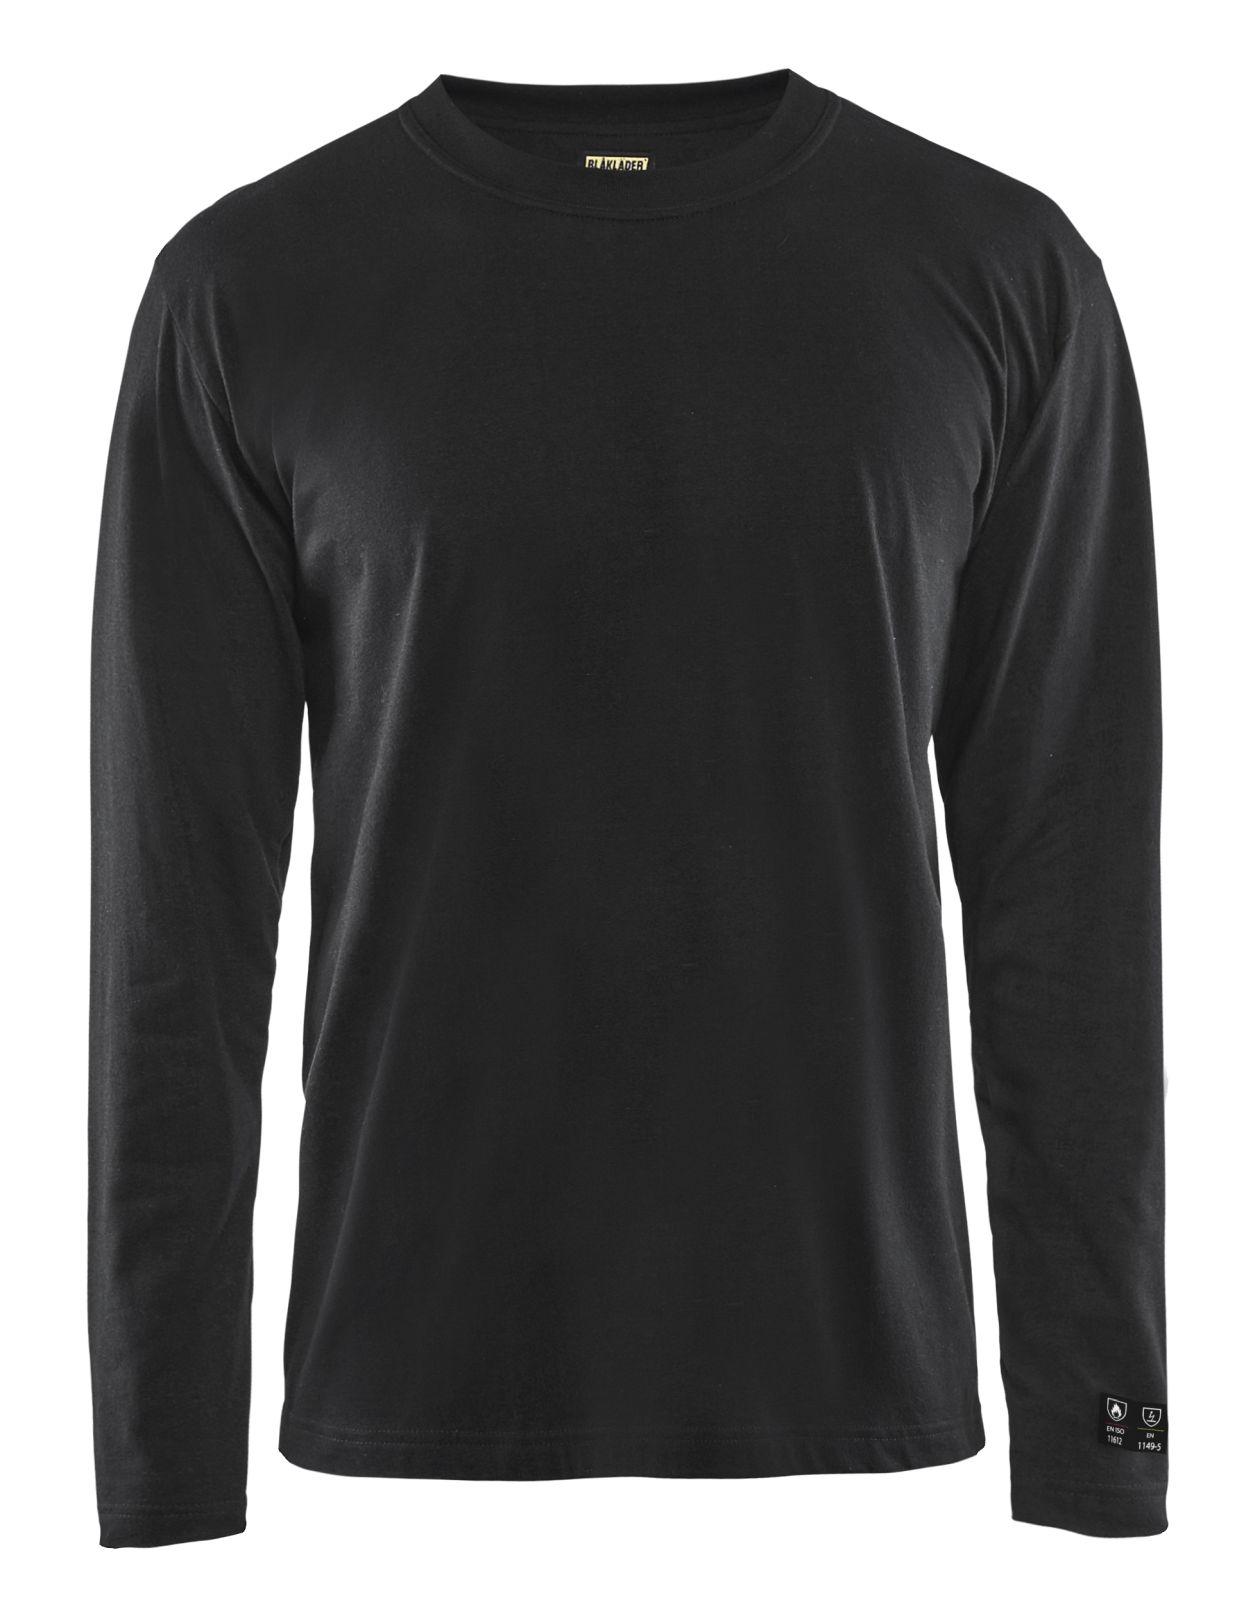 Blaklader T-shirts 34831717 Vlamvertragend zwart(9900)